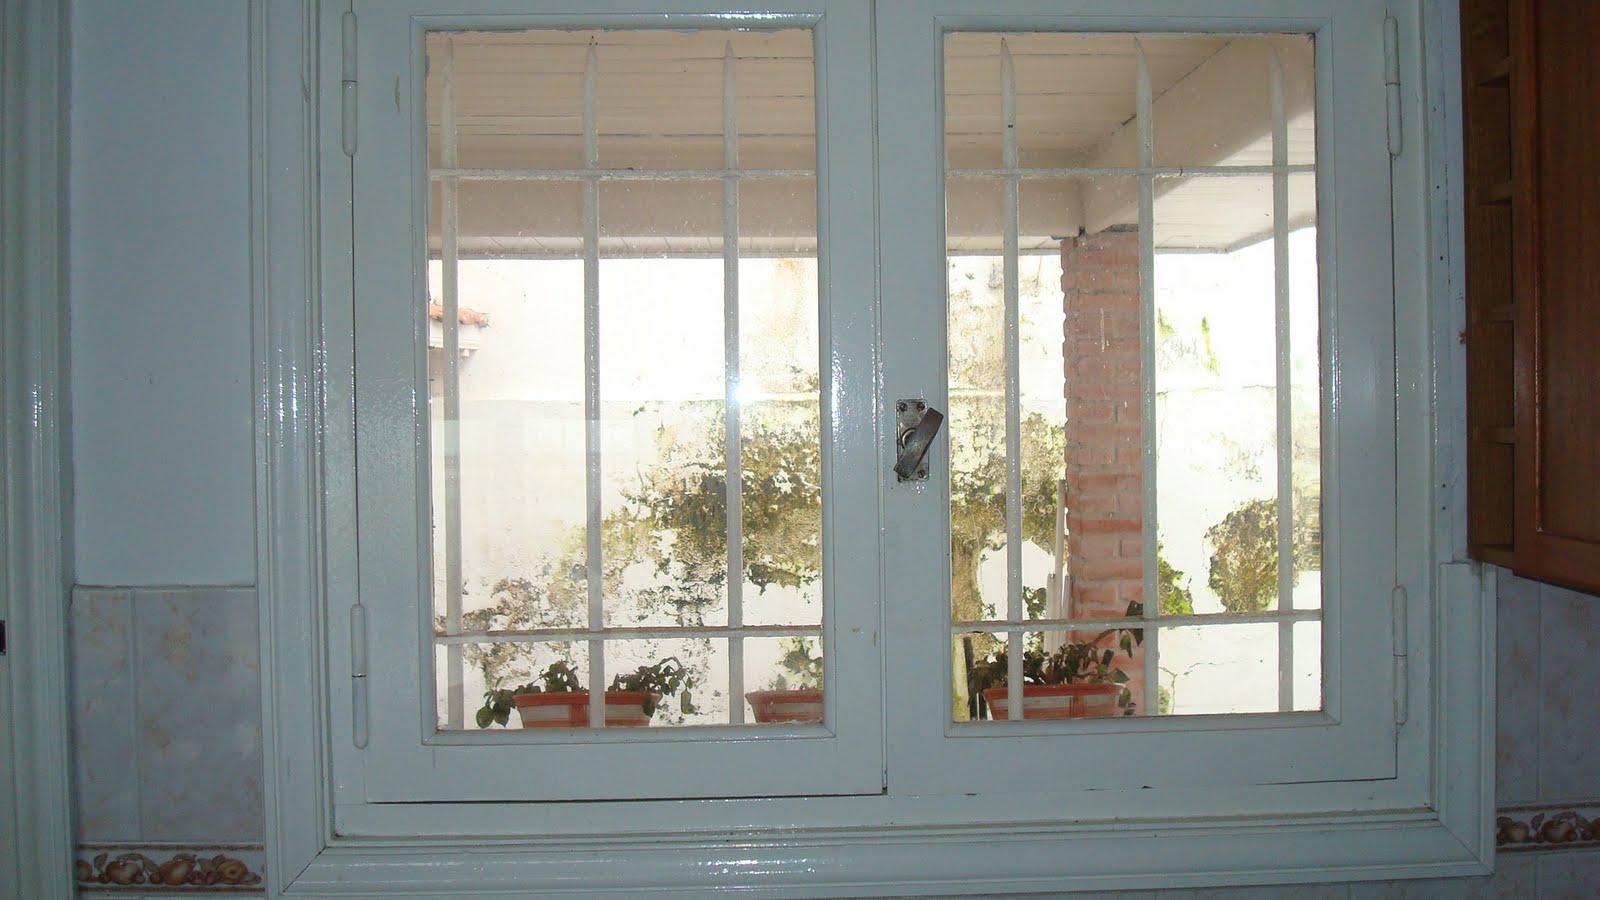 Ventiluz Baño Medidas: madera en diferentes medidas con rejas, perciana americana y vidrios